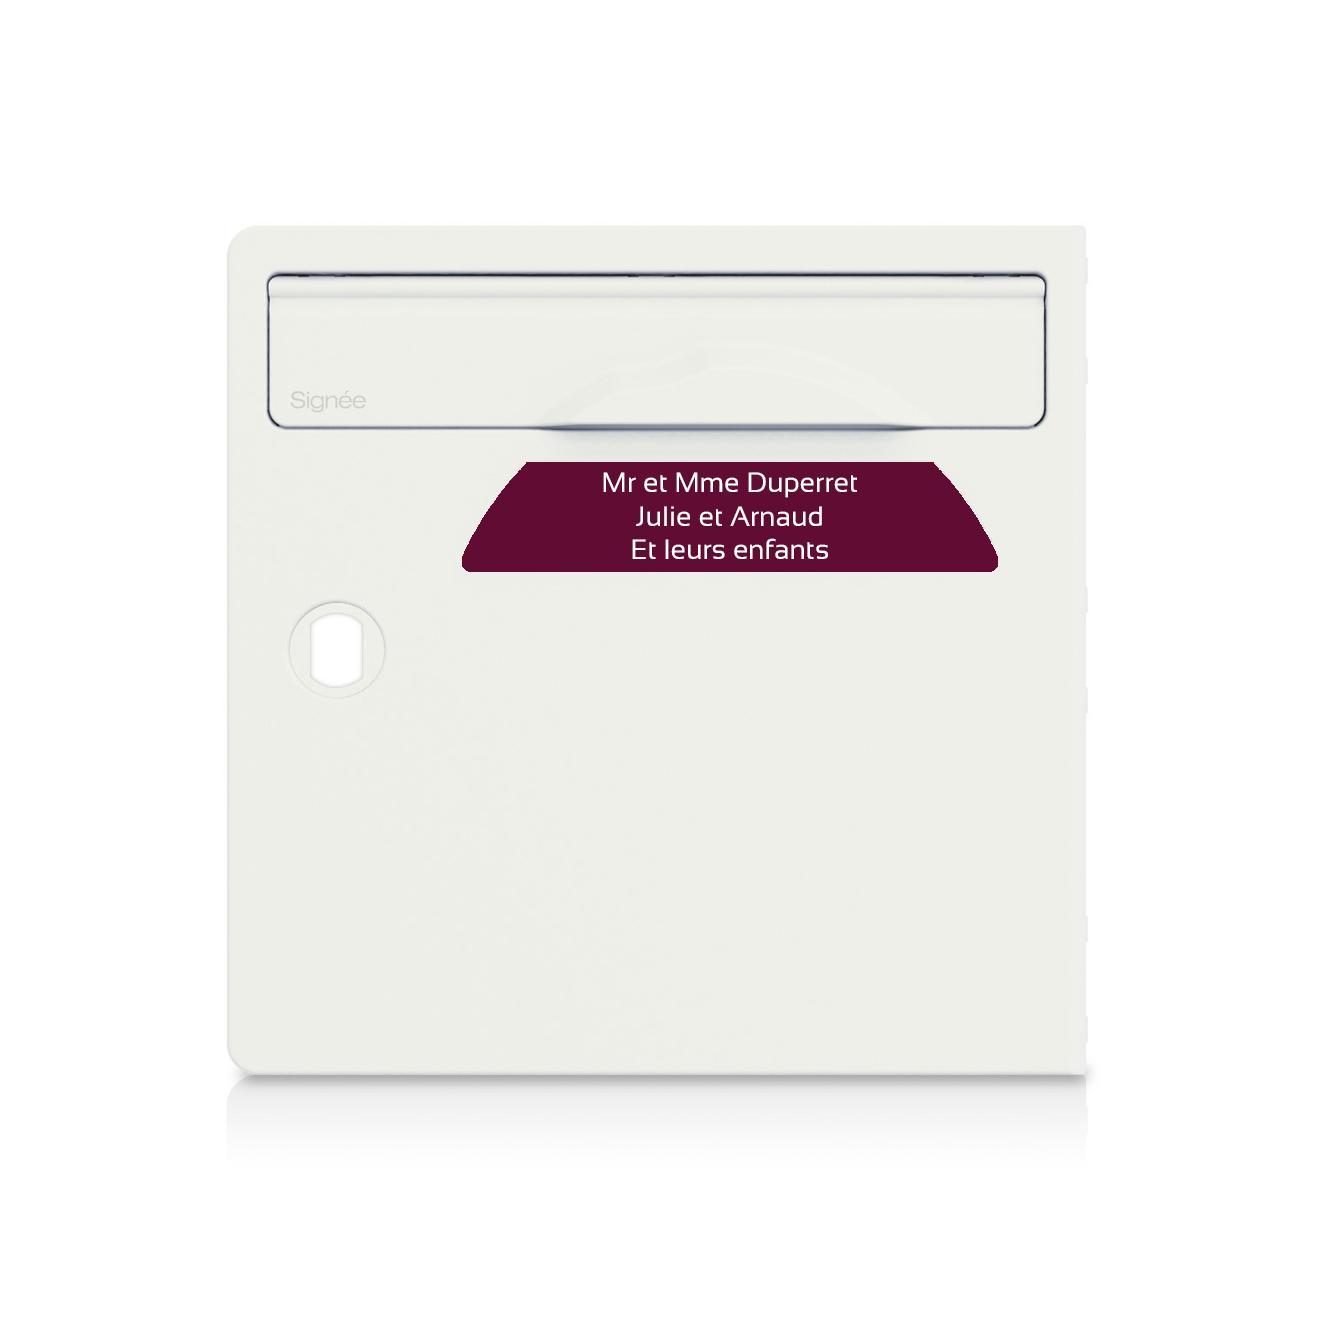 Plaque boite aux lettres Signée bordeaux lettres blanches - 3 lignes